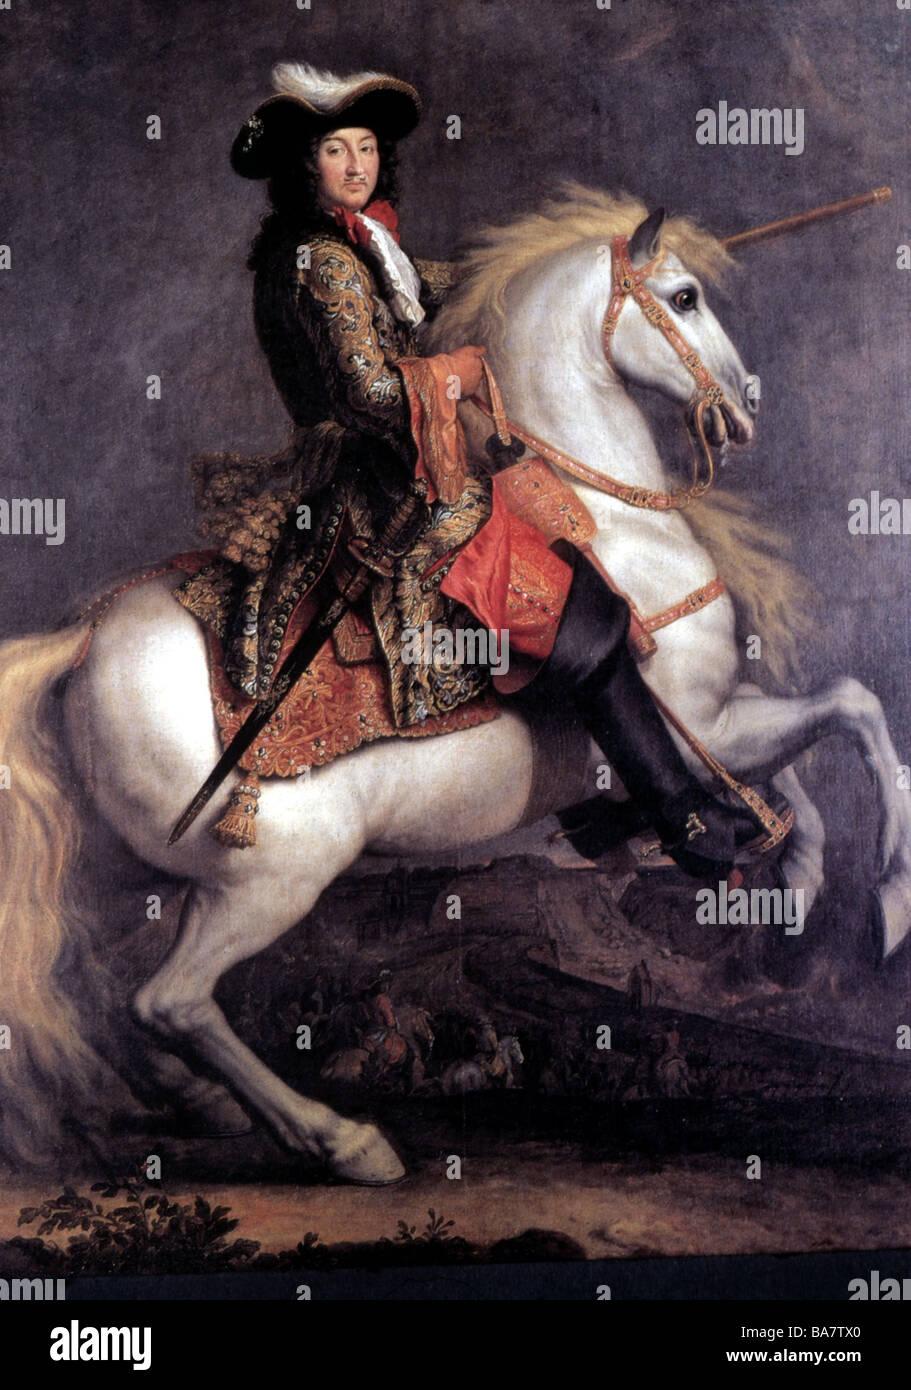 Louis XIV, 5.9.1638 - 1.9.1715, rey de Francia 1643 - 1715, la equitación, la pintura de René Antoine Imagen De Stock